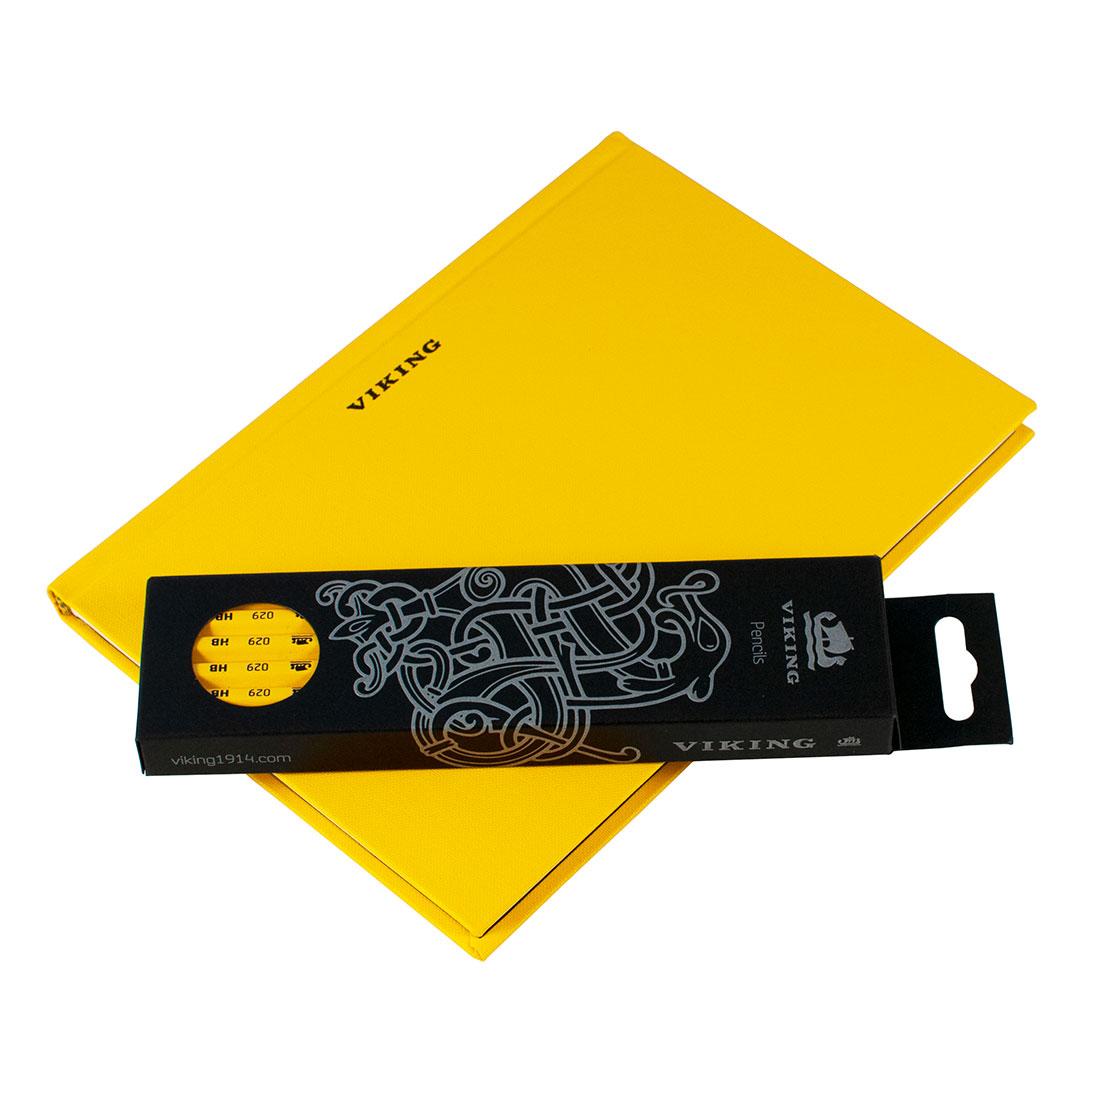 Viking 105 yellow notebook with Skolebylanten pencils